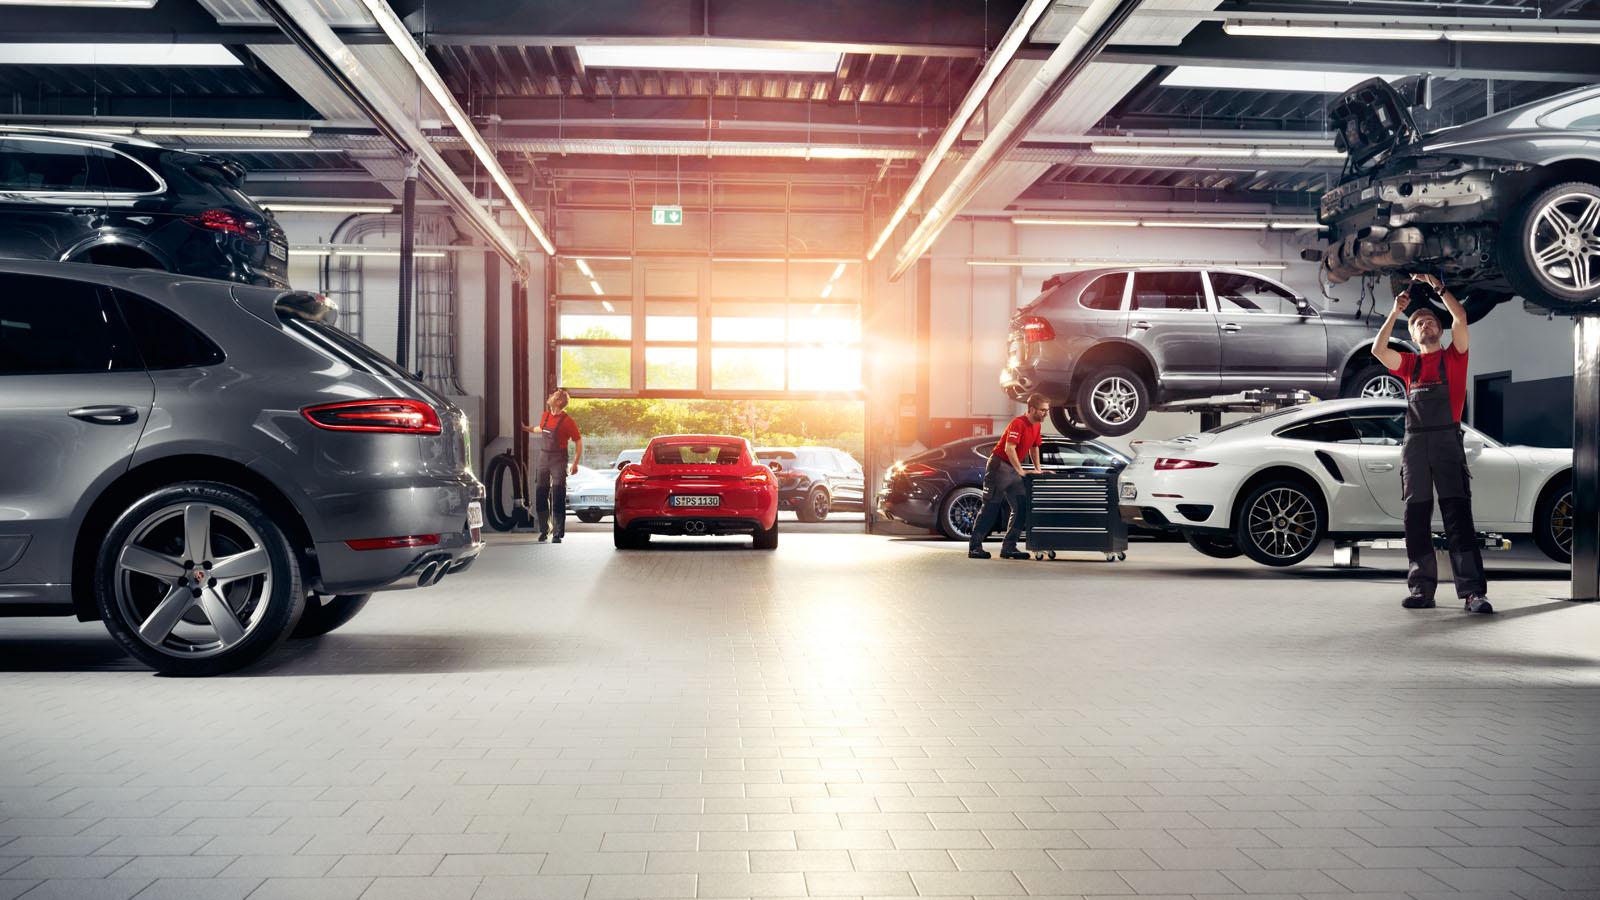 Porsche - Time saving